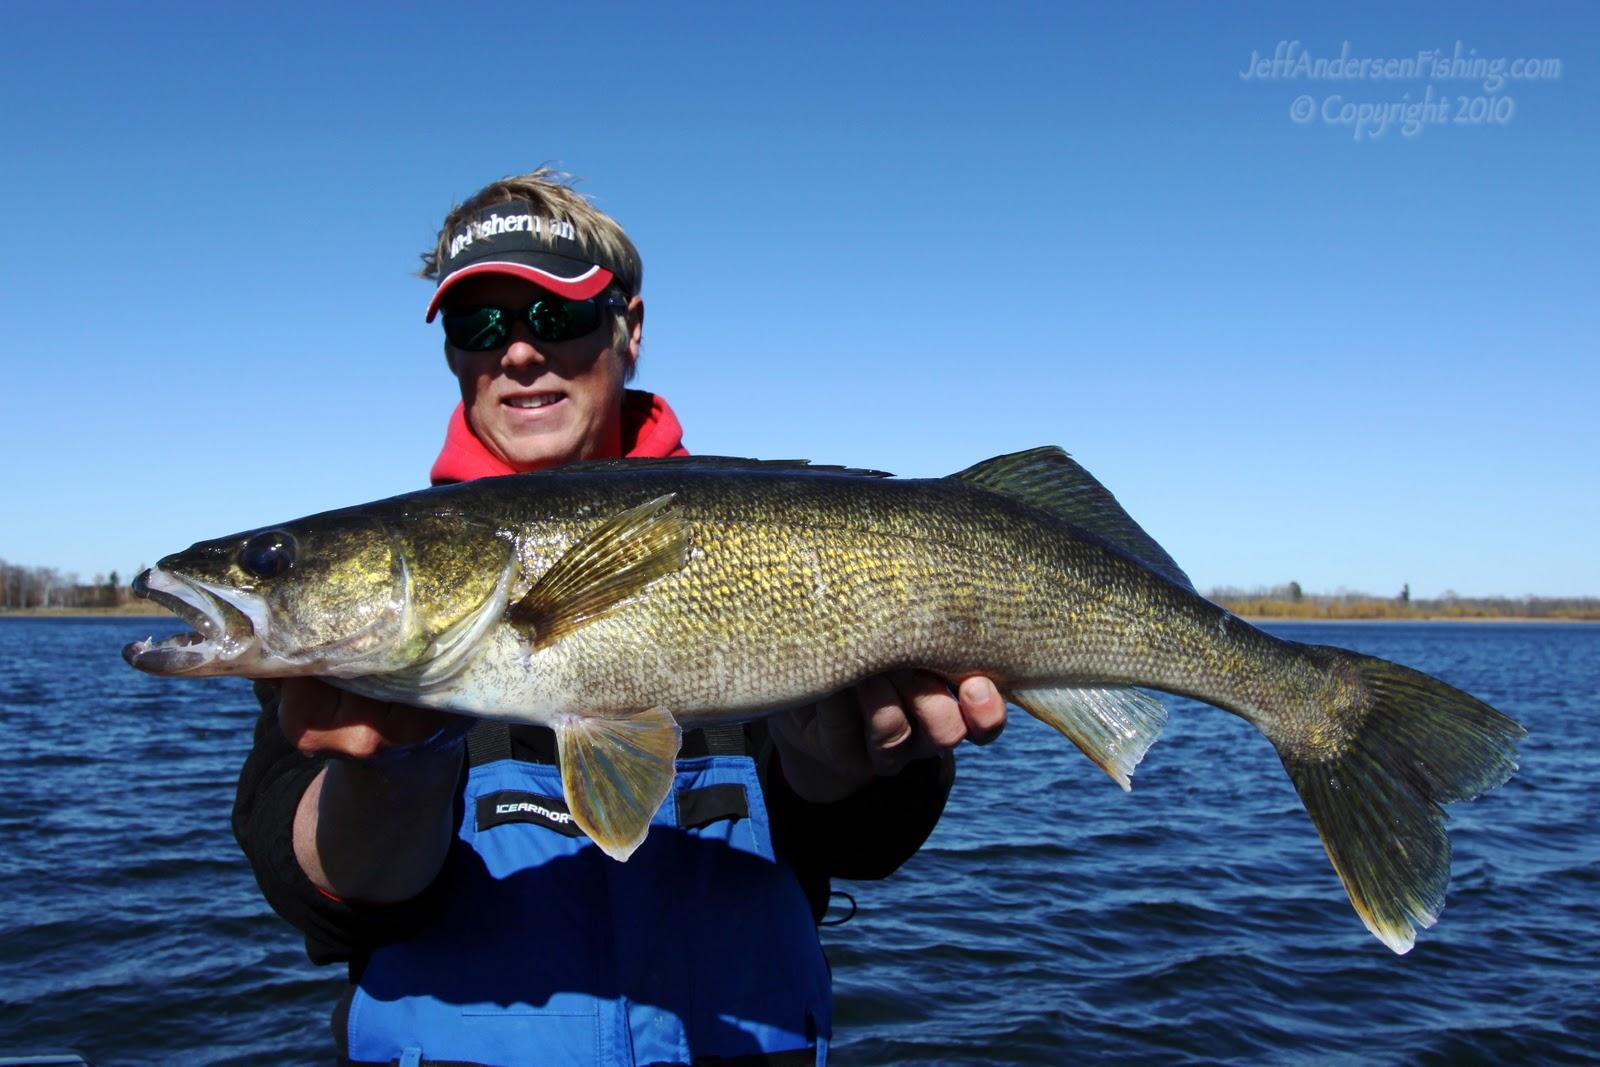 Jeff jiggy andersen fishing photography huge leech lake for Leech lake fishing